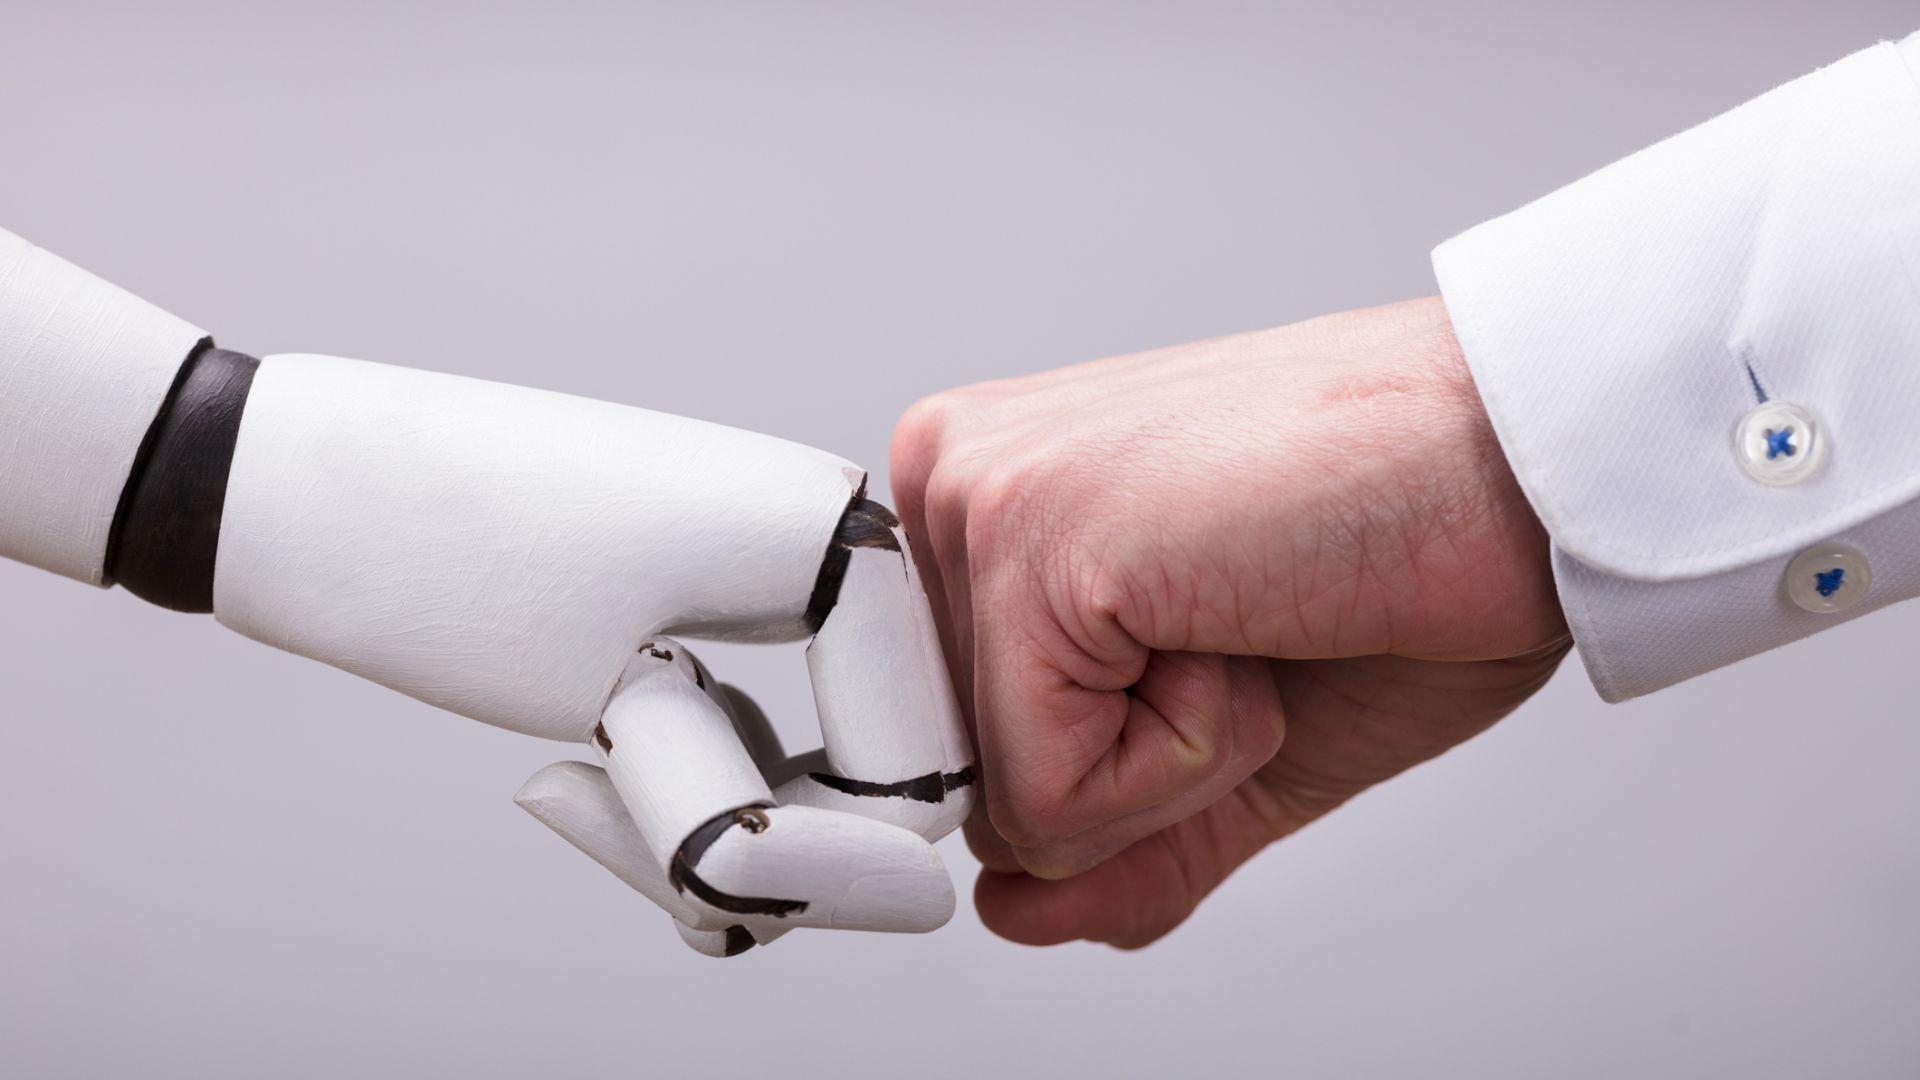 Потенциалът за конфликт между роботи и работници може да бъде избегнат с правилните политики